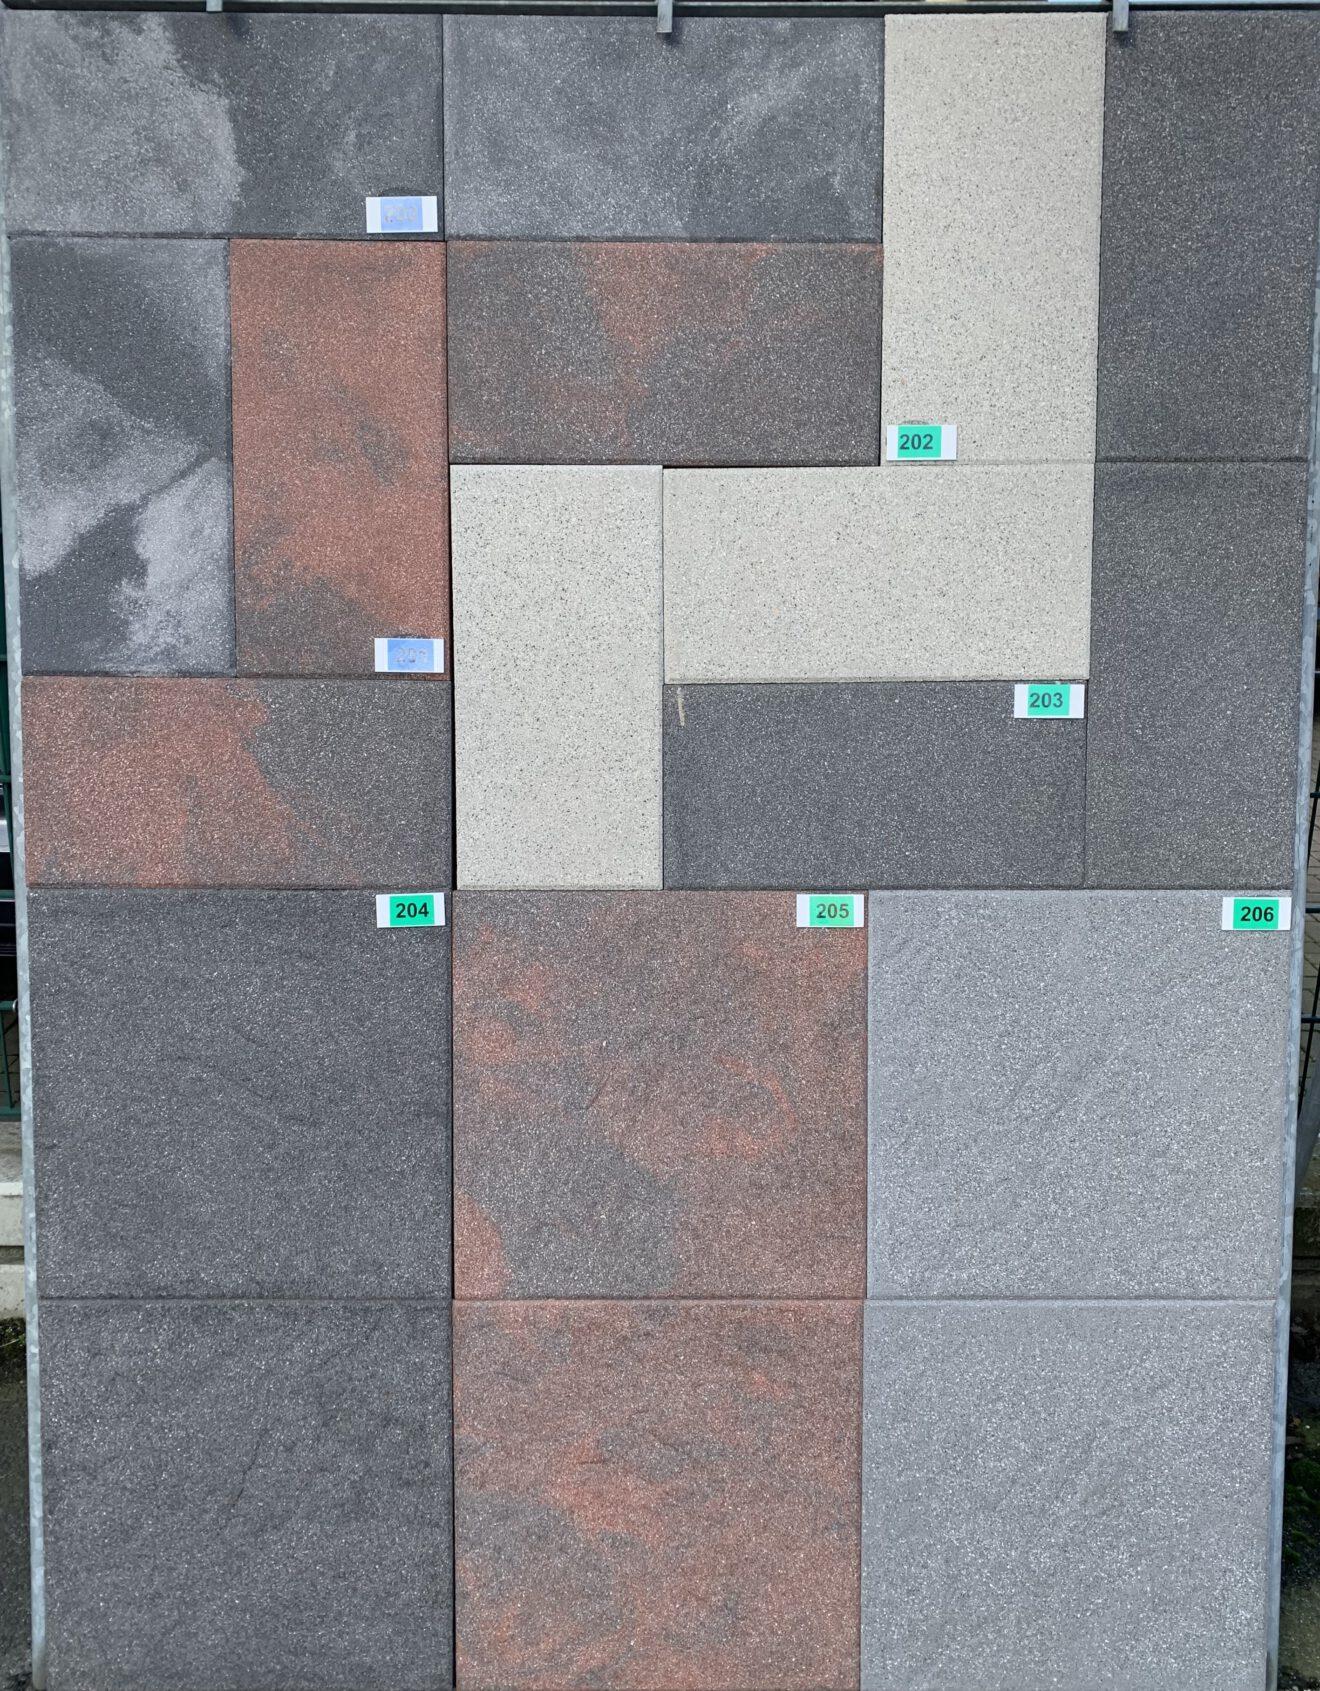 Gartenplatten und Terrassenplatten - Novagranit rot/schwarz bei Stolzenbach Baustoffe in Bremen kaufen